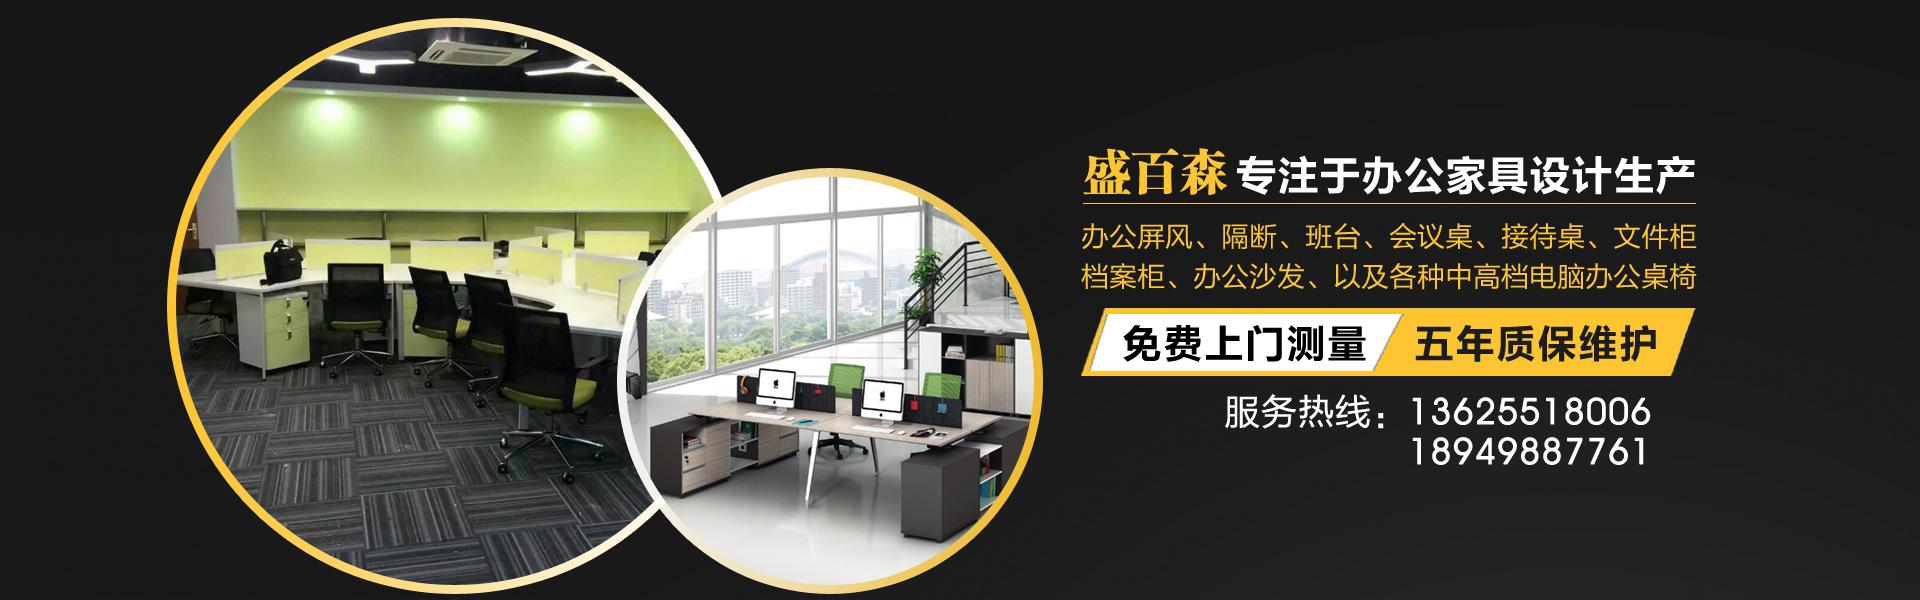 合肥办公 桌椅